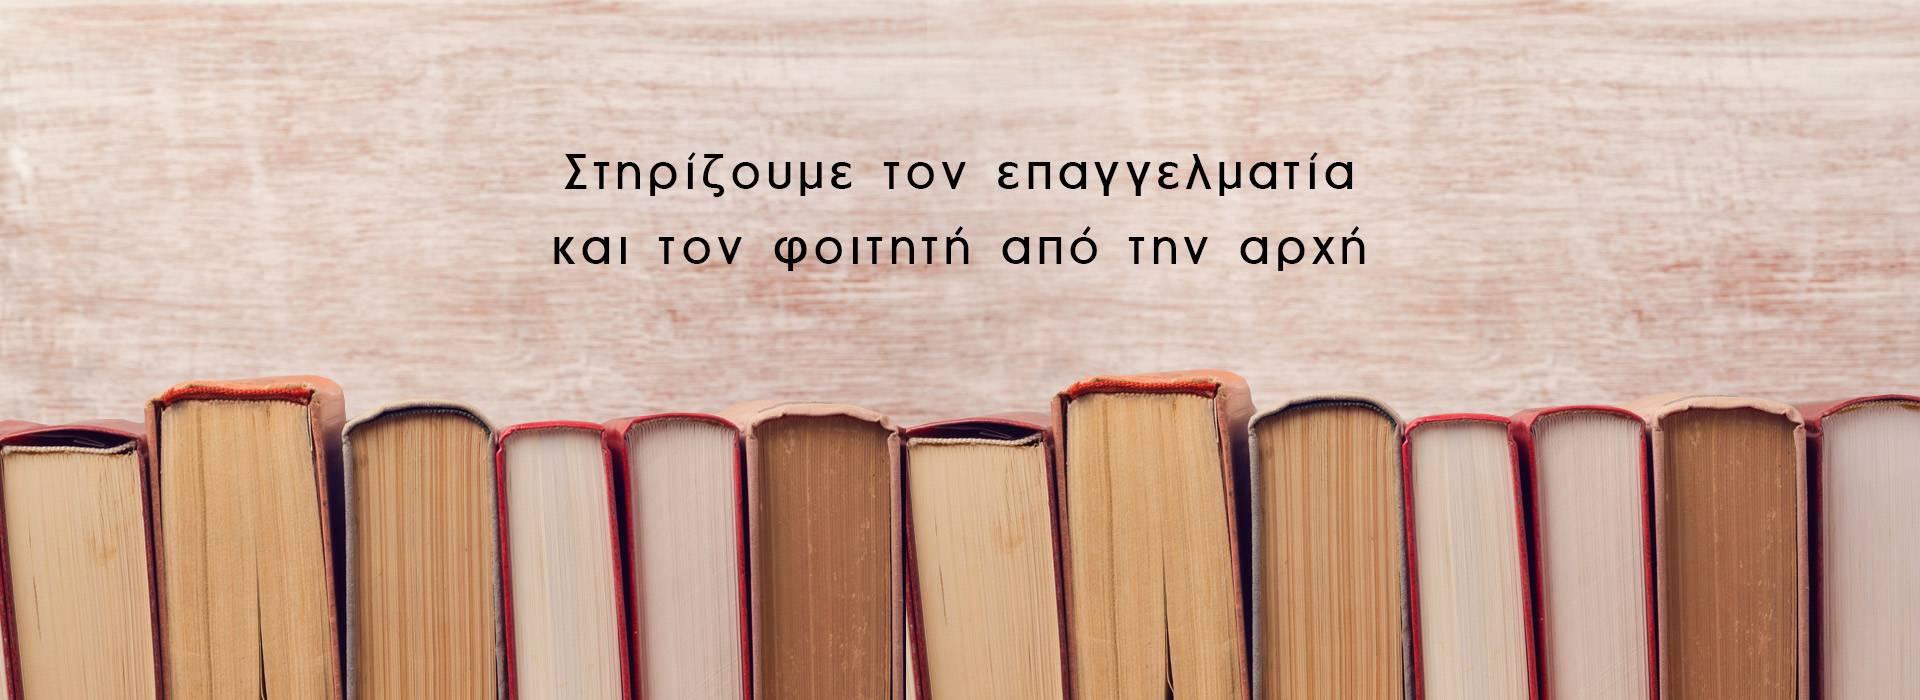 Αντ. Ν. Σάκκουλας SakkoulasBooks Νομικές Εκδόσεις Σάκκουλας